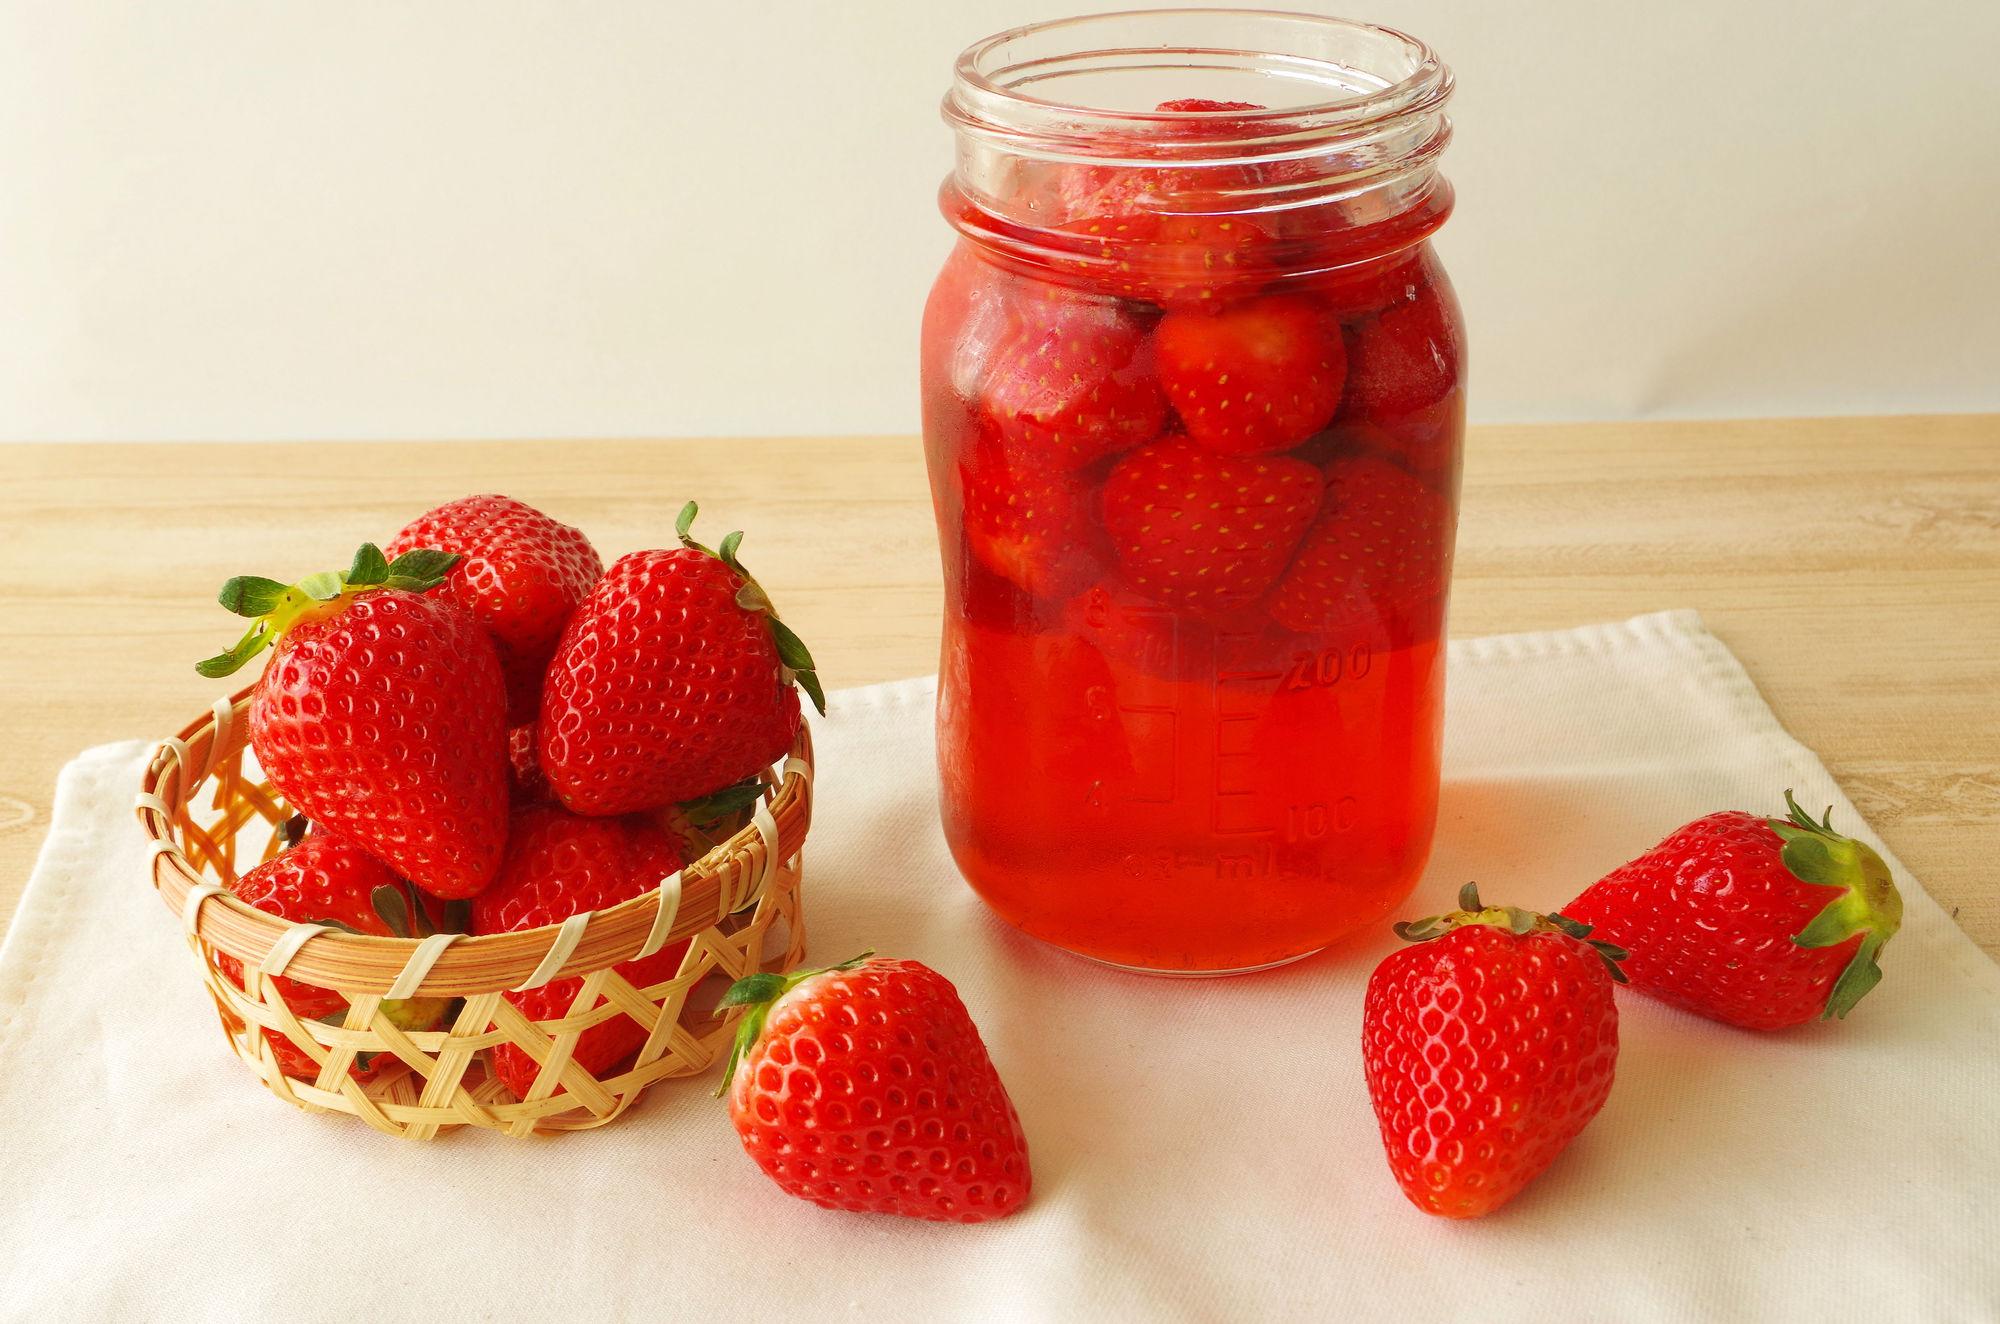 イチゴ酢の魅力